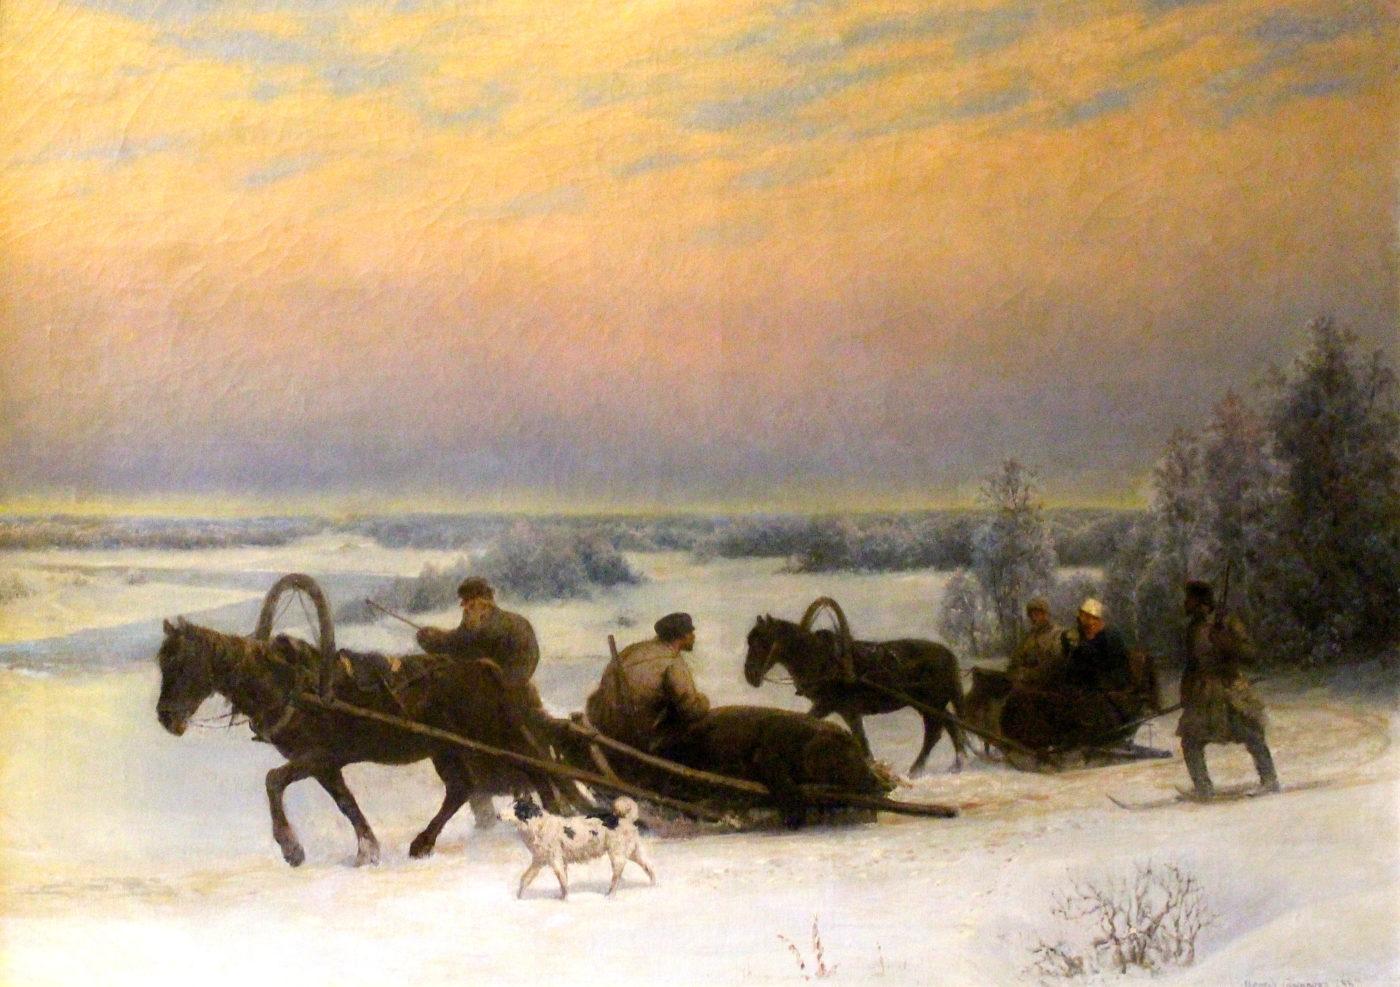 Где можно купить антикварные картины в Москве